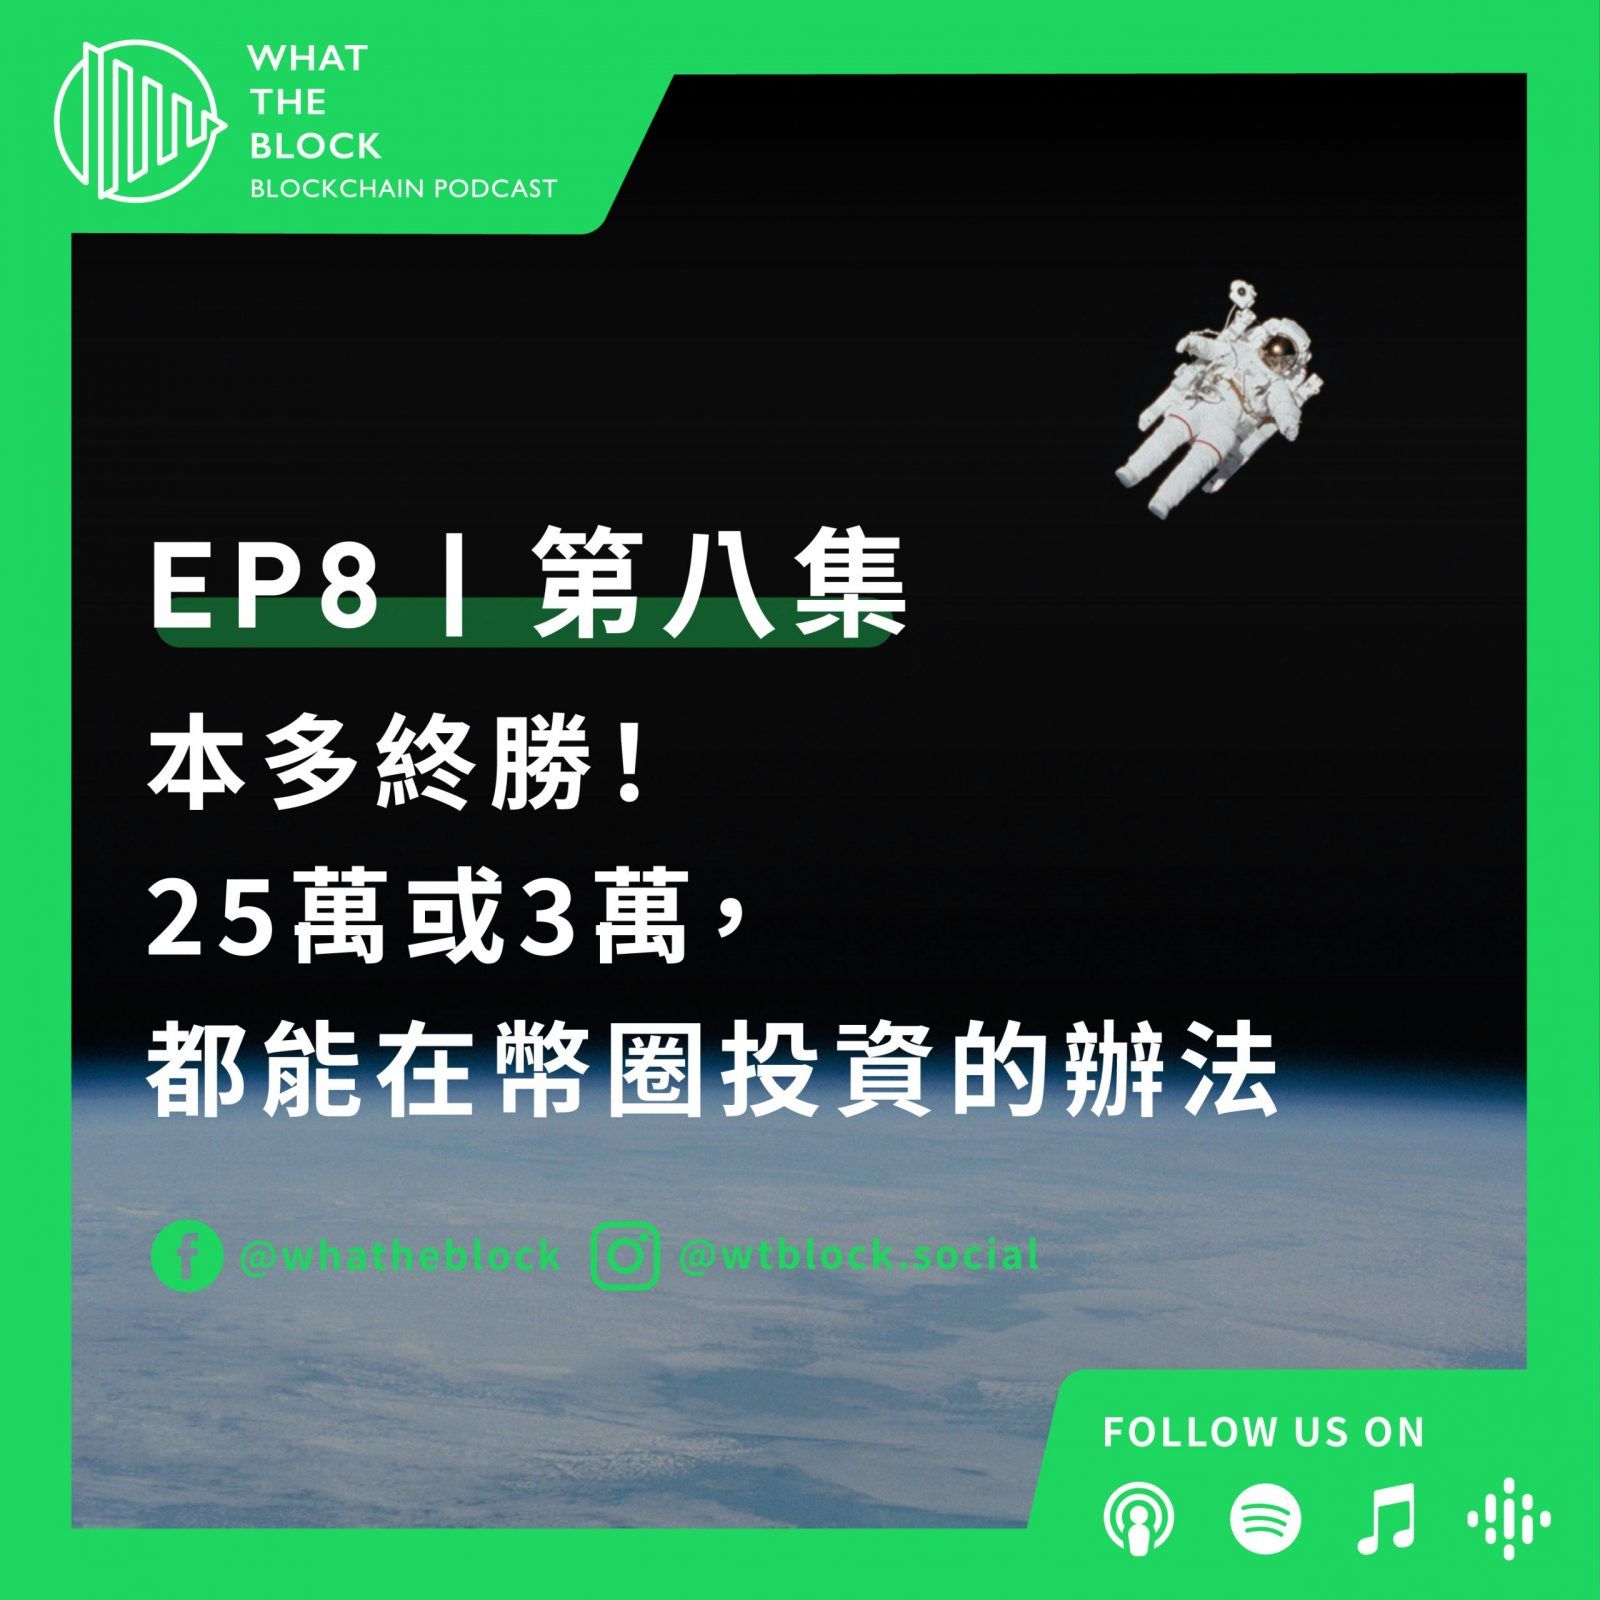 EP8 第八集|本多終勝!!! 25萬或3萬,都能在幣圈投資的辦法